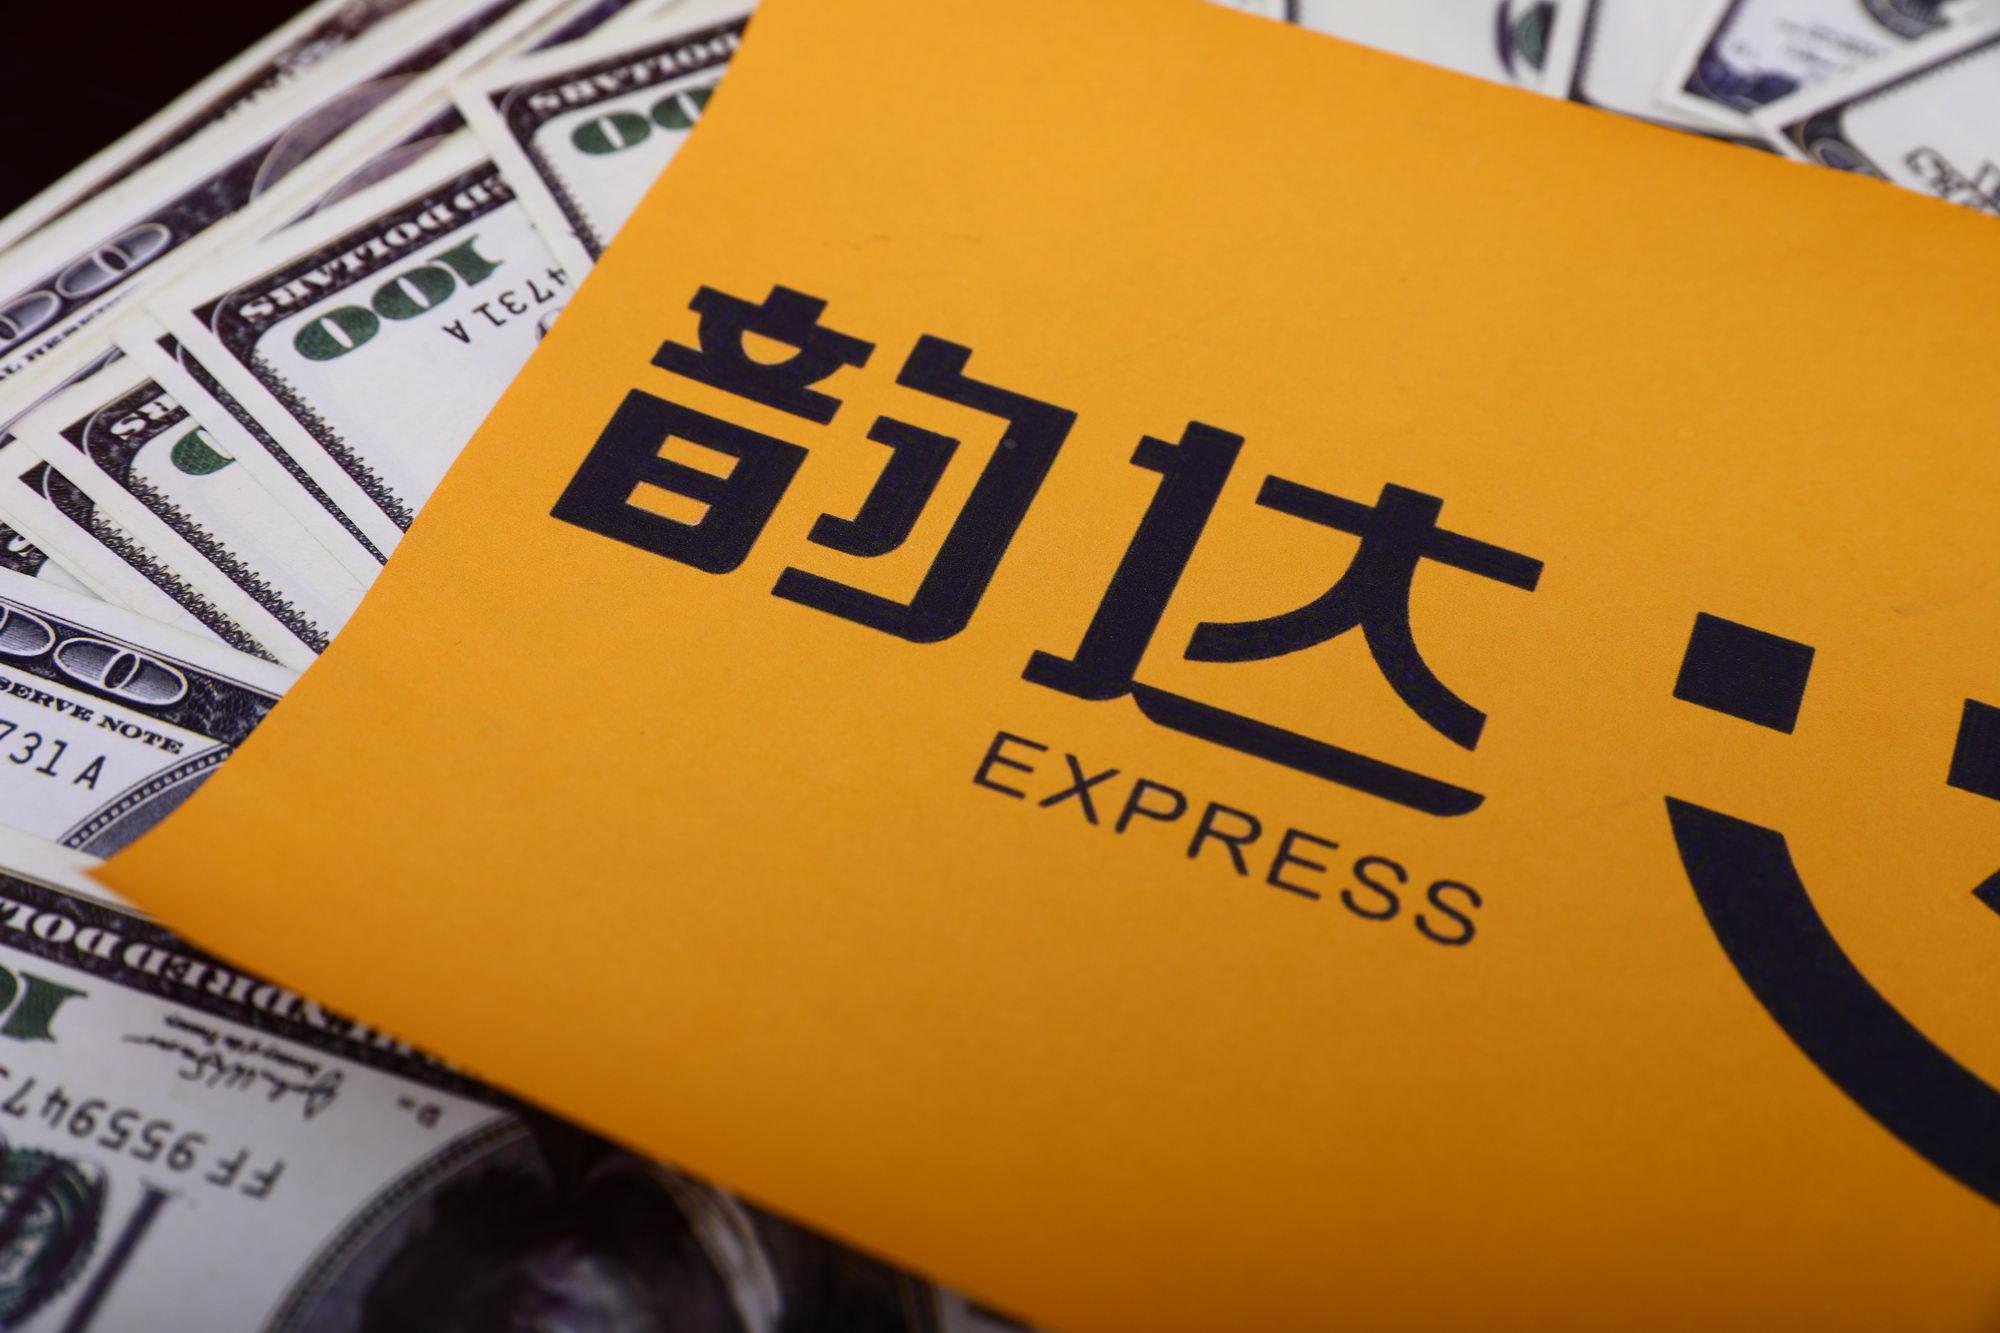 韵达湖南物流产业园项目落户湖南株洲 总投资约20亿元